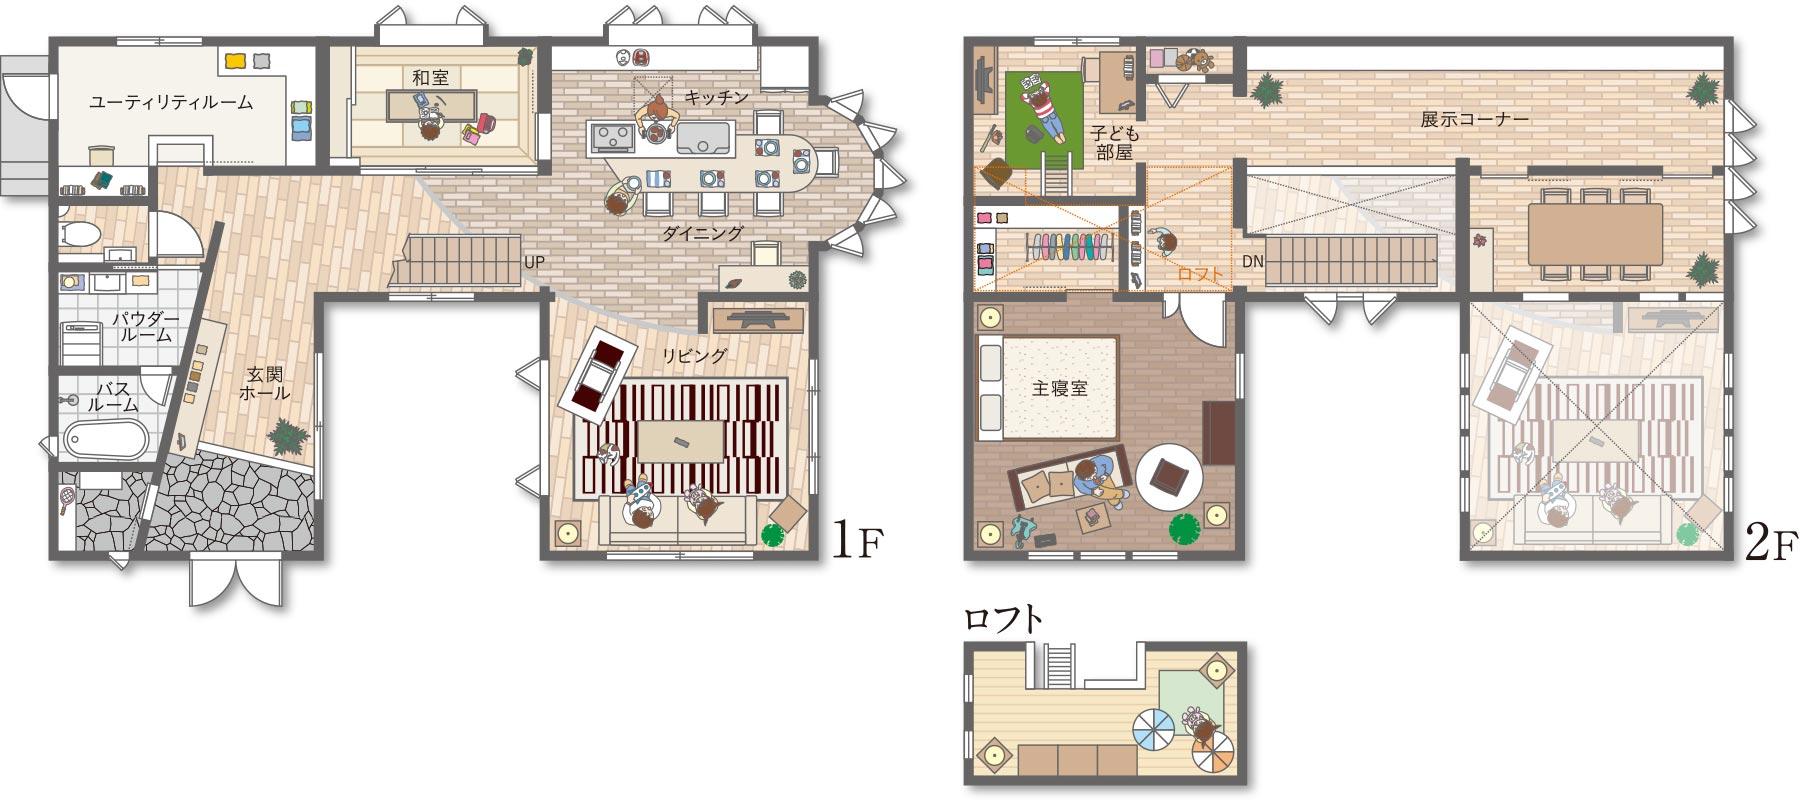 木質系住宅 ABC加古川展示場 間取り図